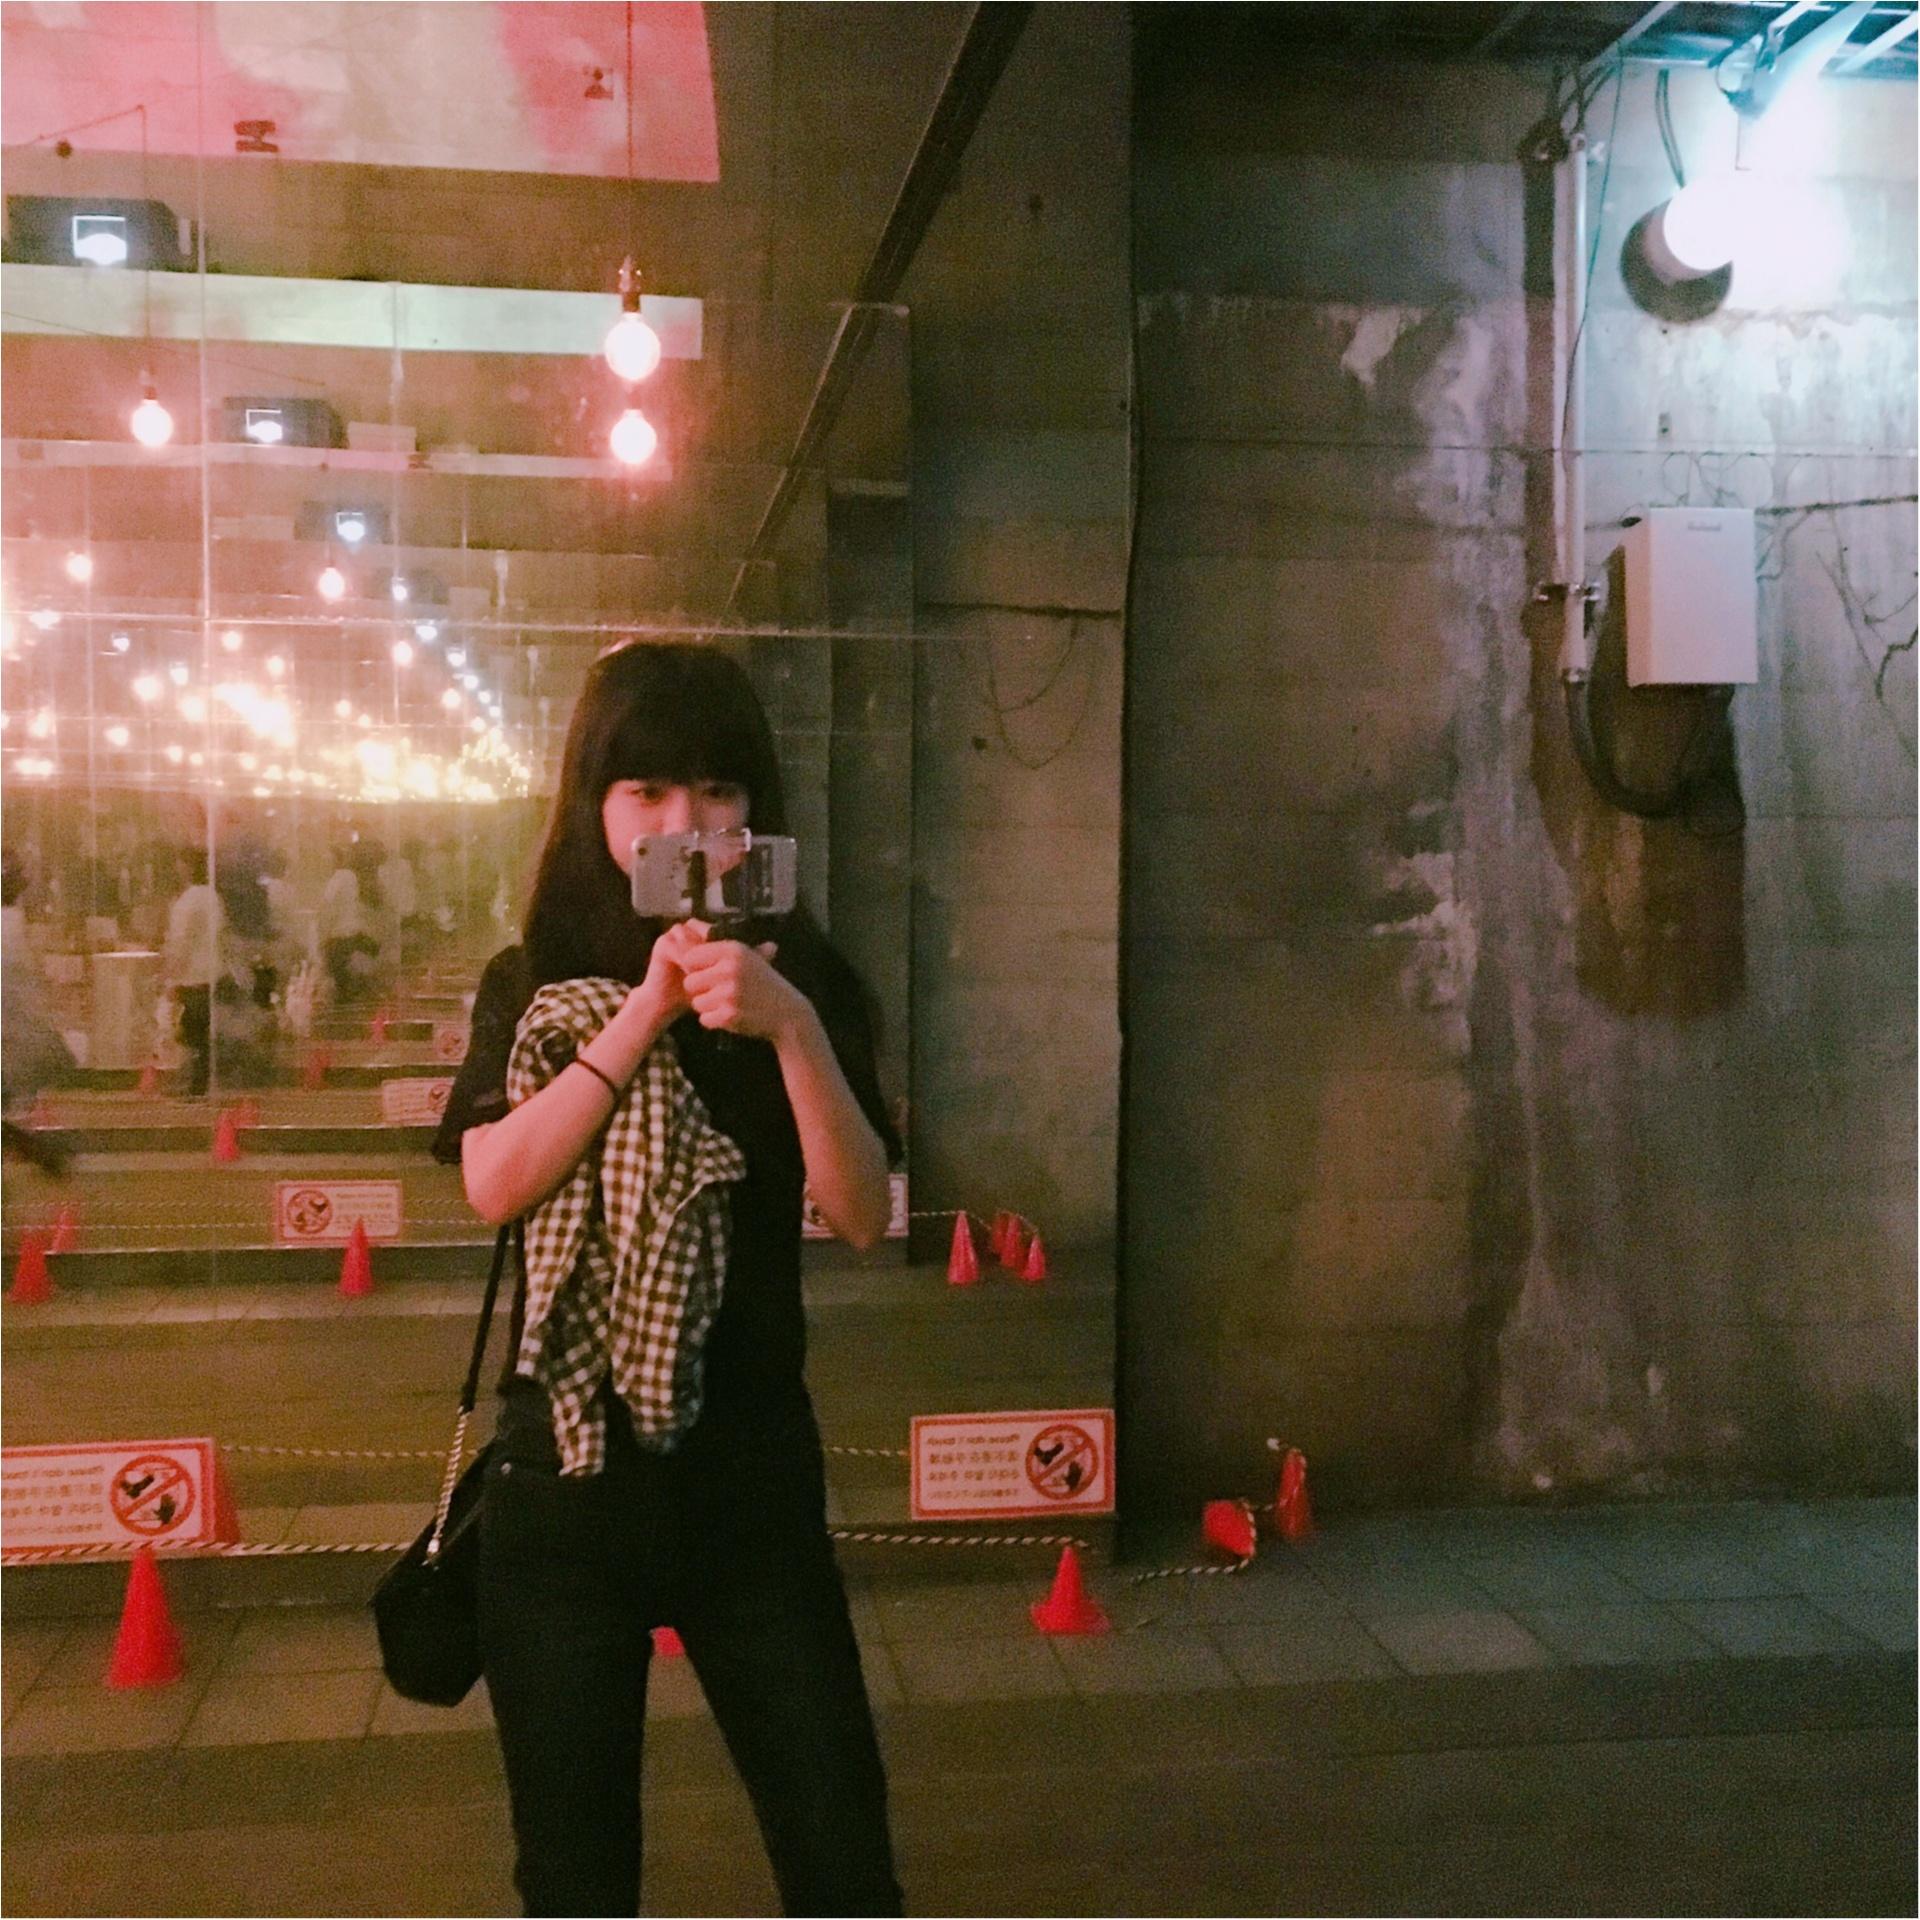 【動画で紹介!】熊本 阿蘇の「高森湧水トンネル」は幻想的なトンネルでデートにもオススメなんです!【#モアチャレ 熊本の魅力発信!】_3